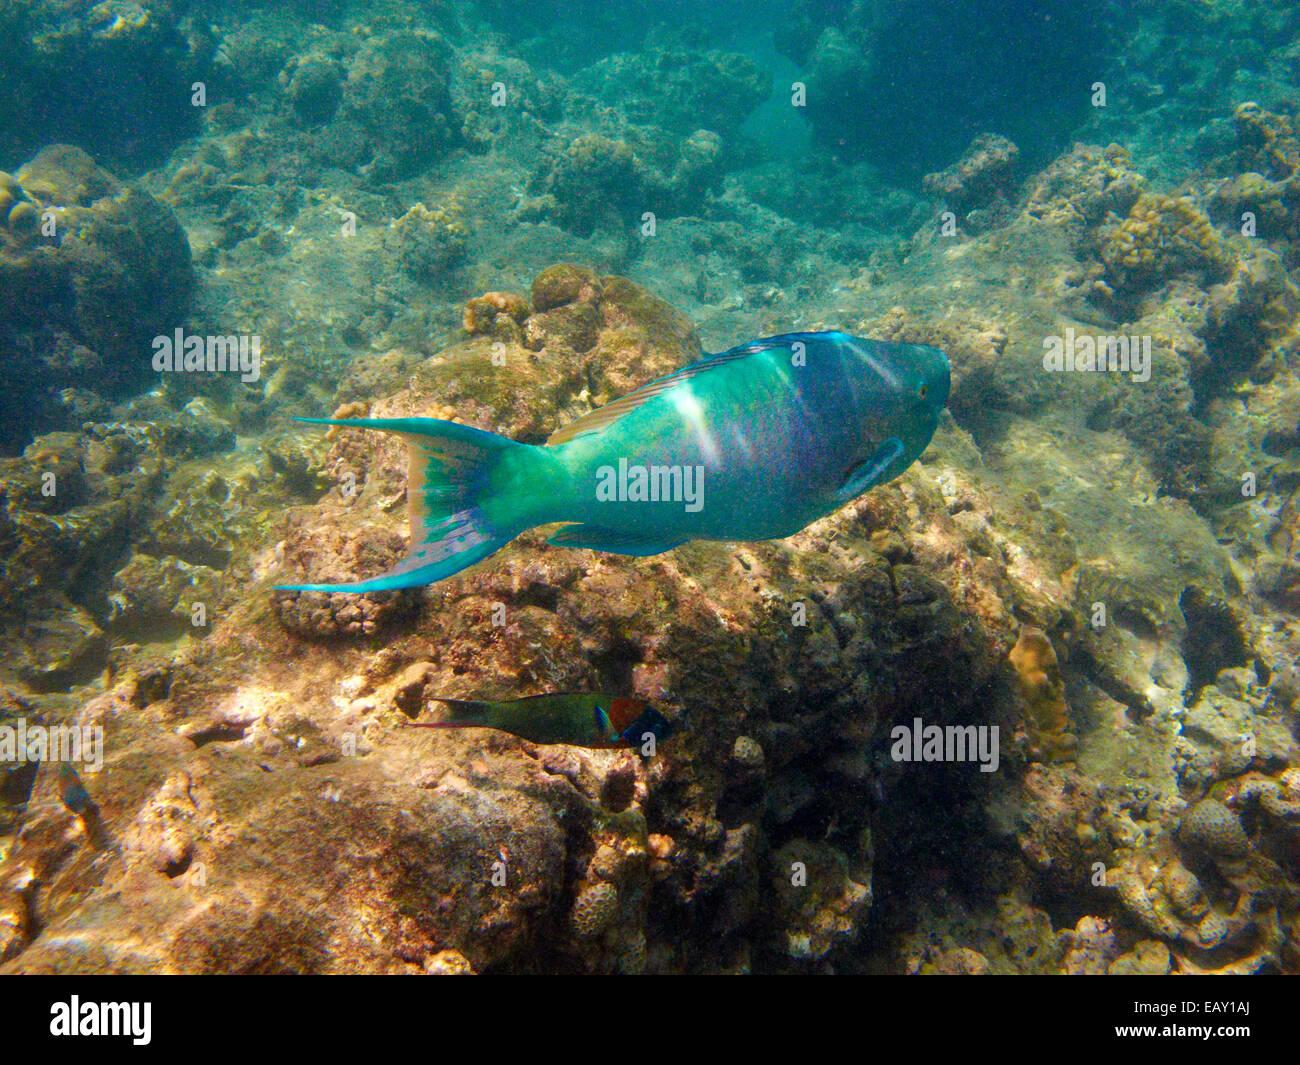 Redlip Parrotfish (Scarus rubroviolaceus), Hanauma Bay ...